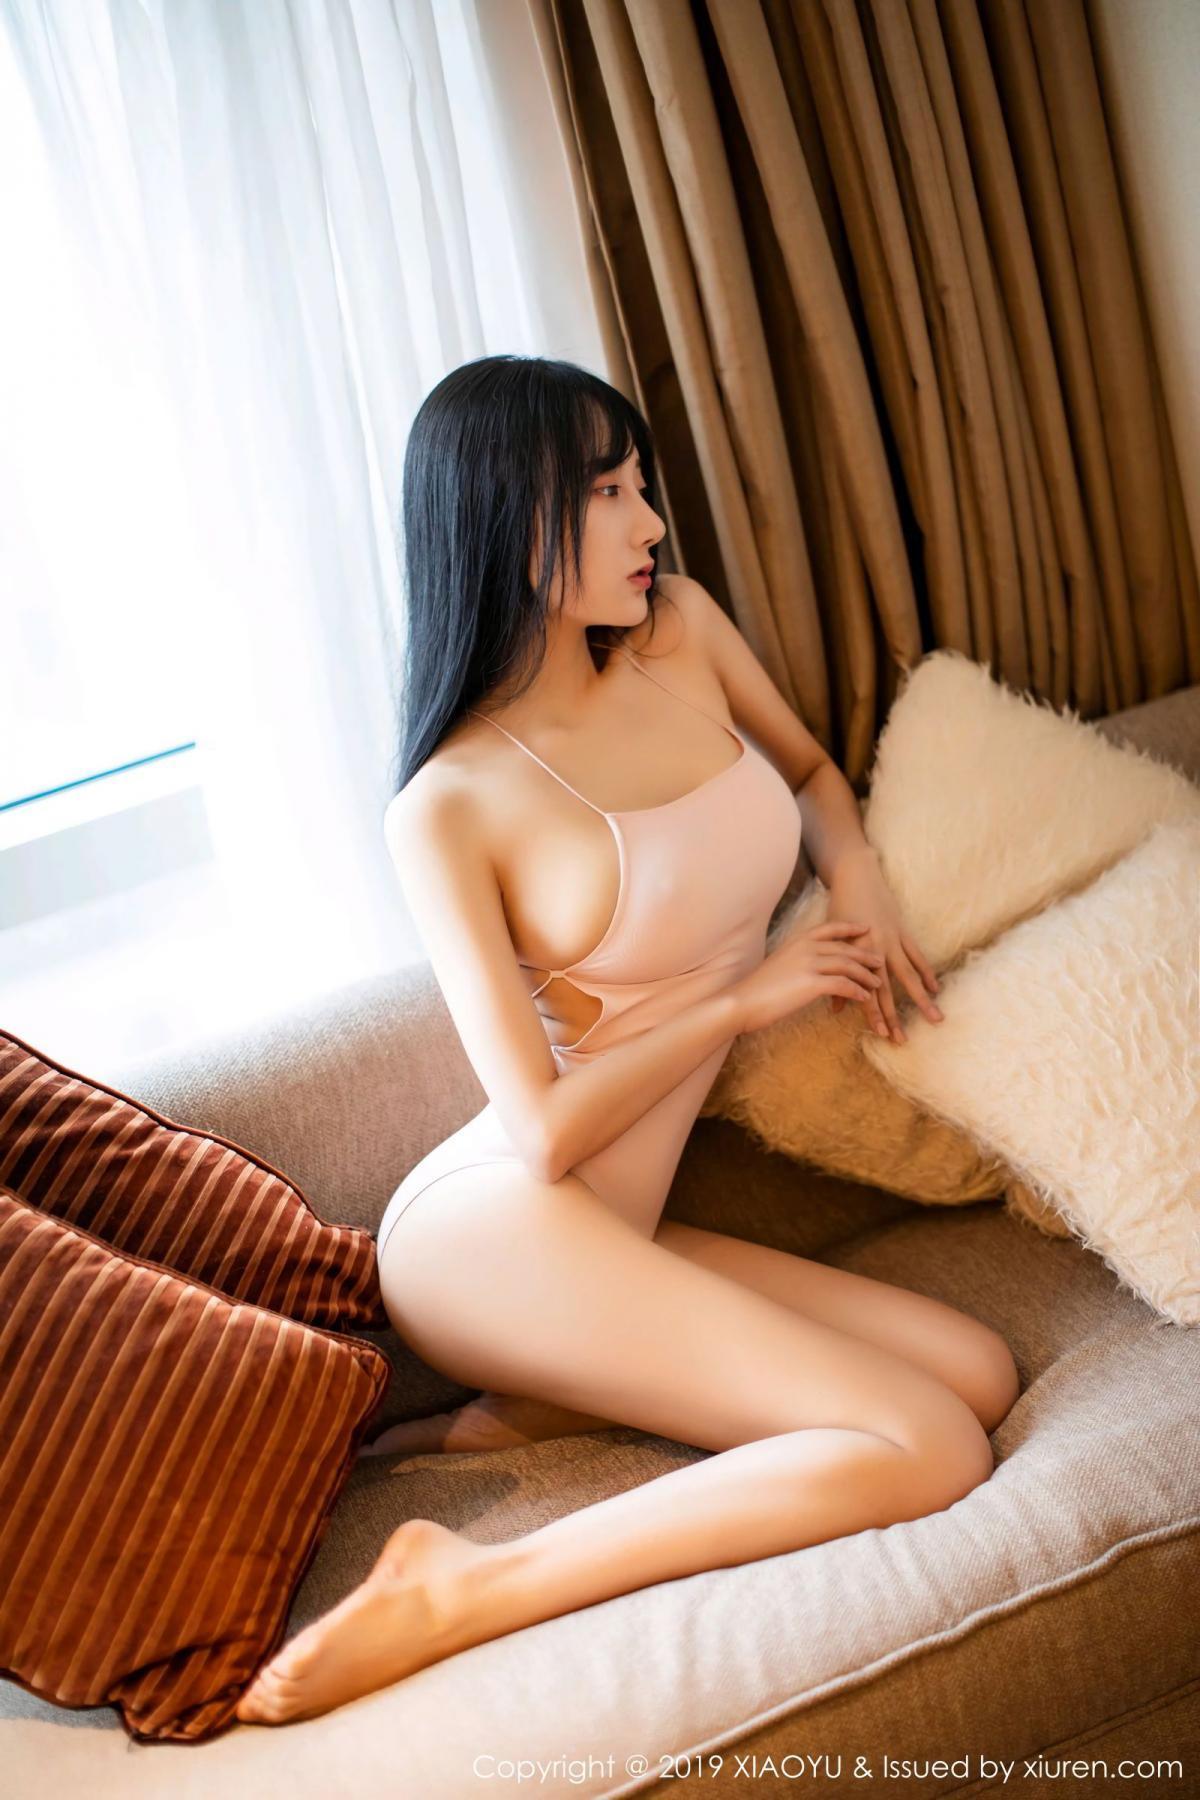 [XiaoYu] Vol.097 He Jia Ying 4P, He Jia Ying, Tall, XiaoYu